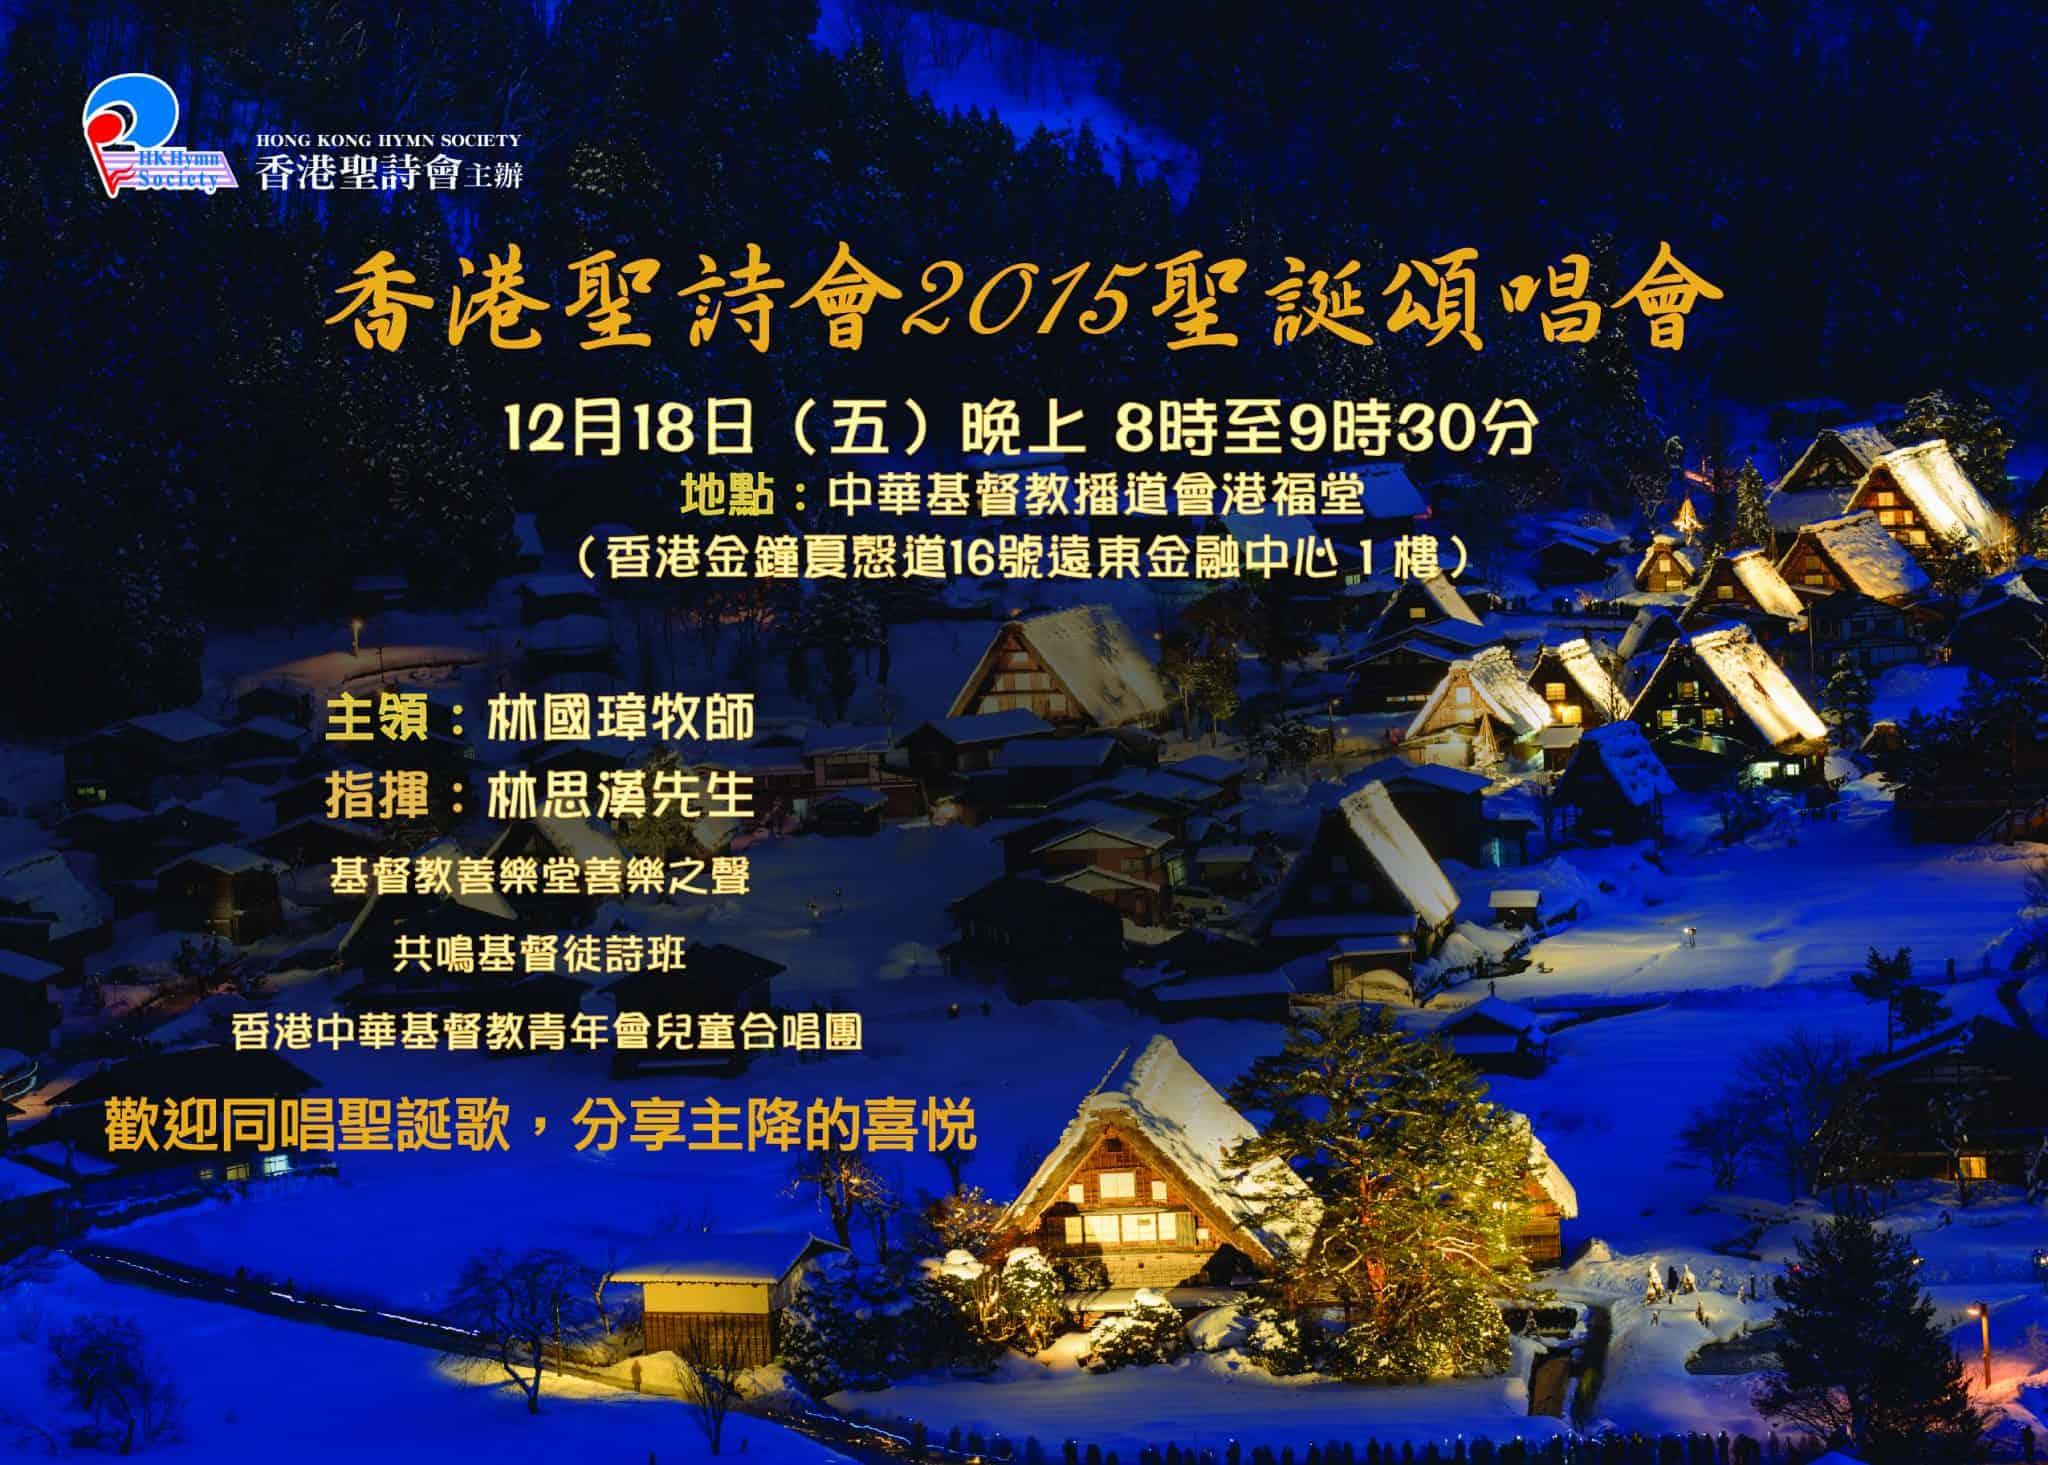 香港聖詩會2015聖誕頌唱會A5-01